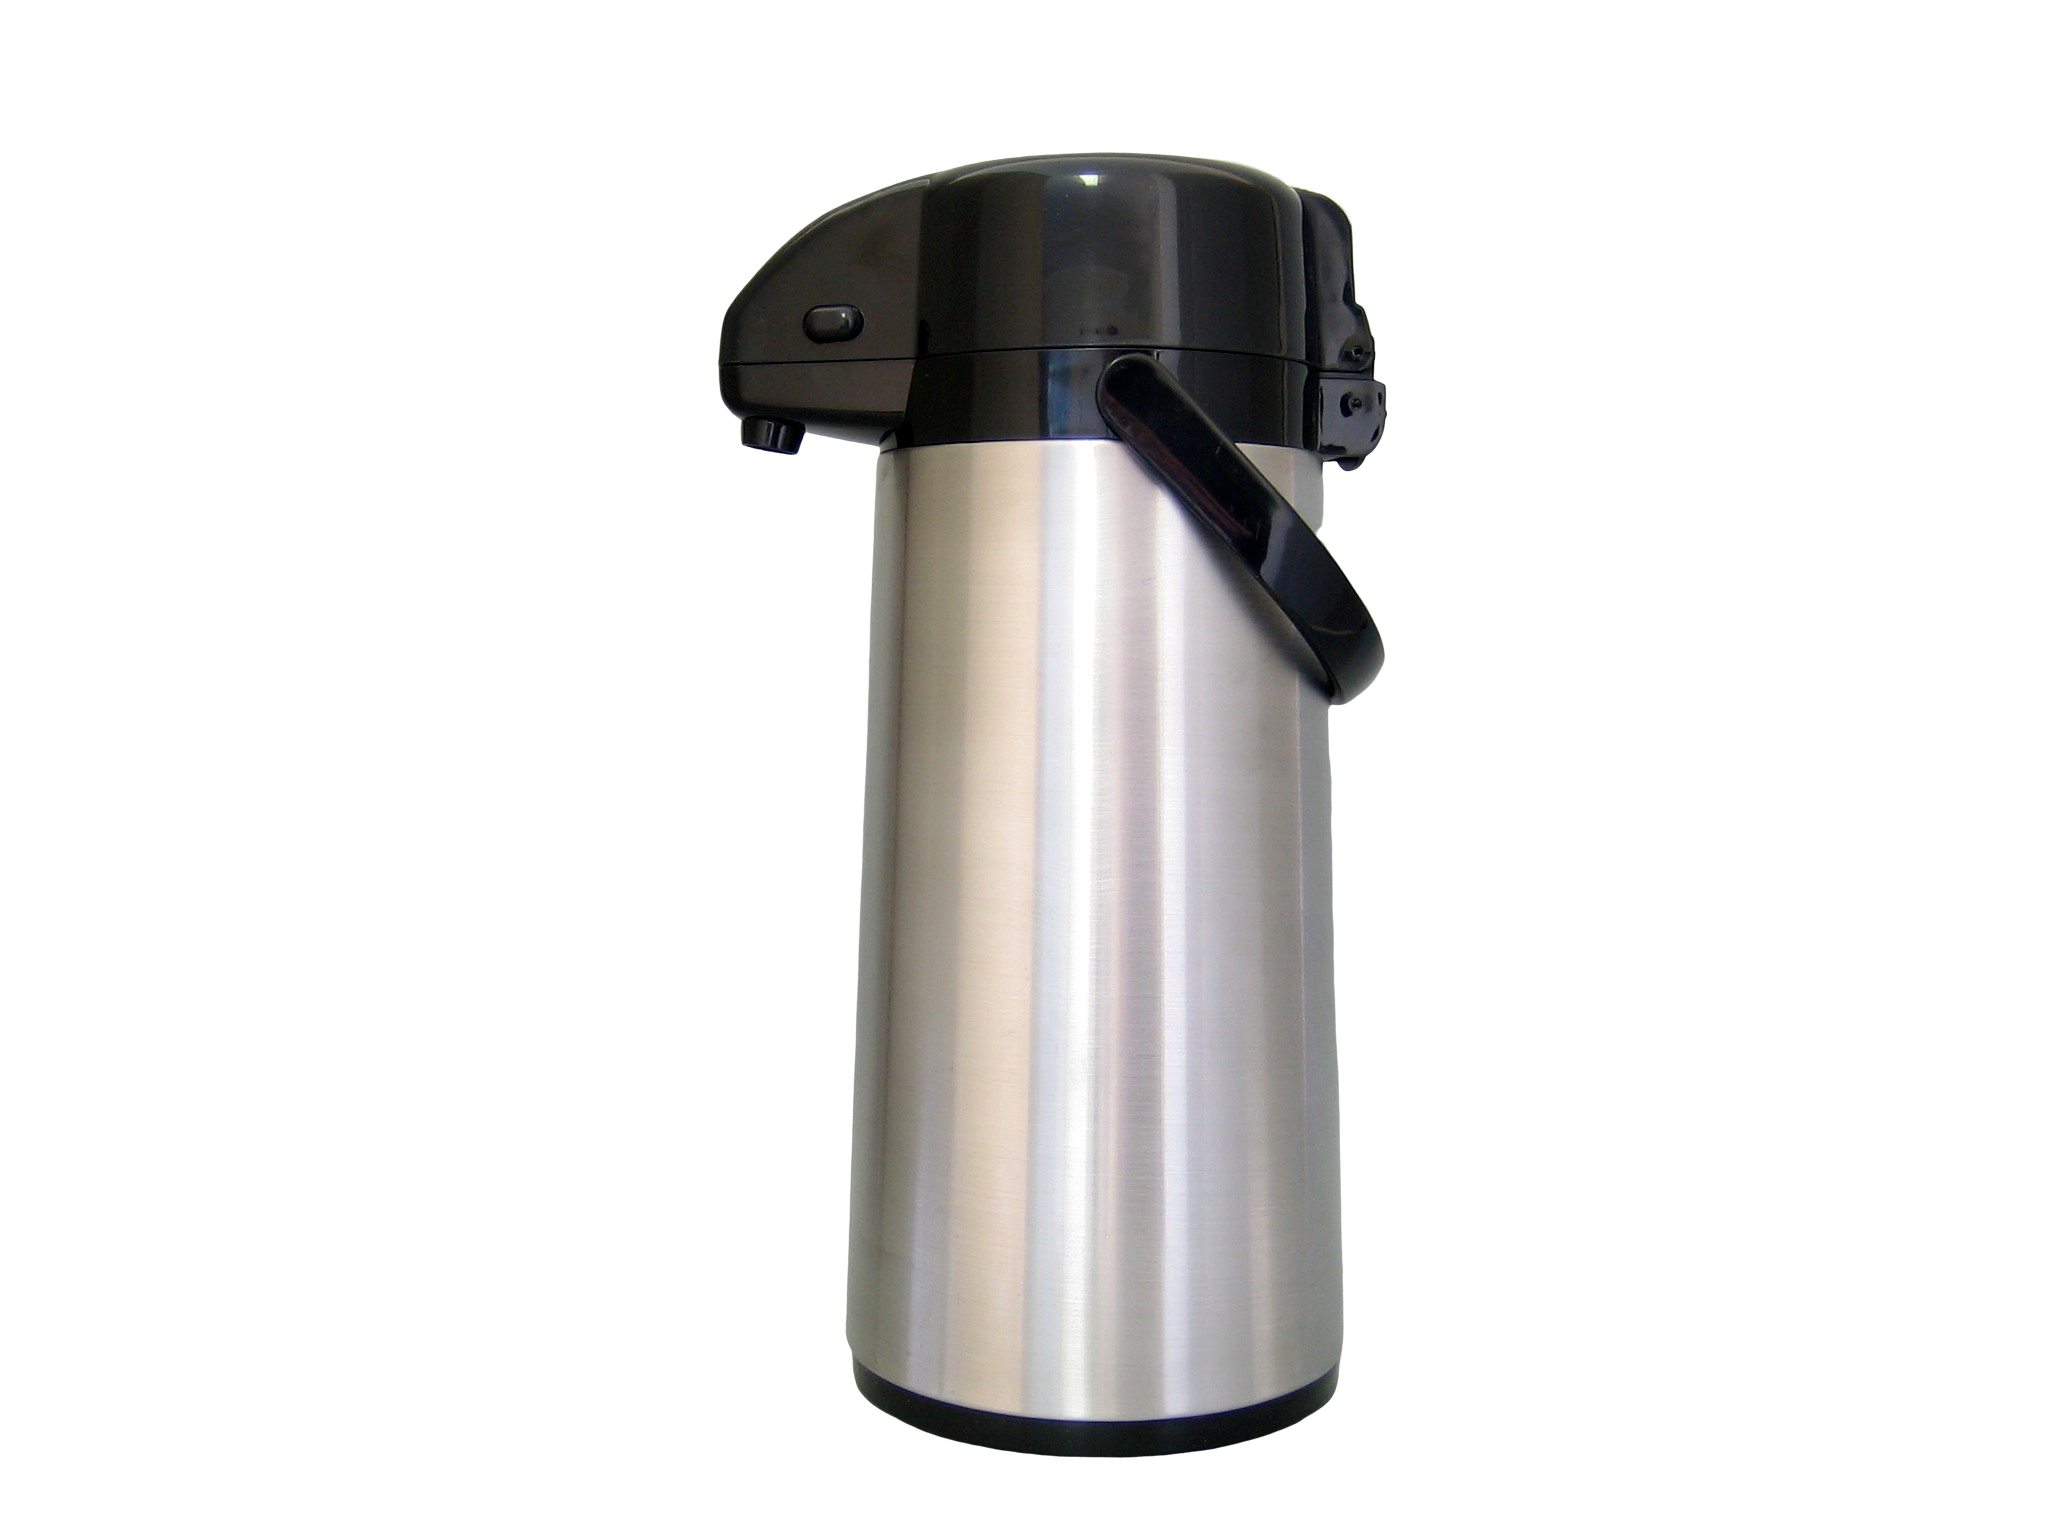 FM22S - Pichet à pompe inox à levier 2.20 L - Isobel